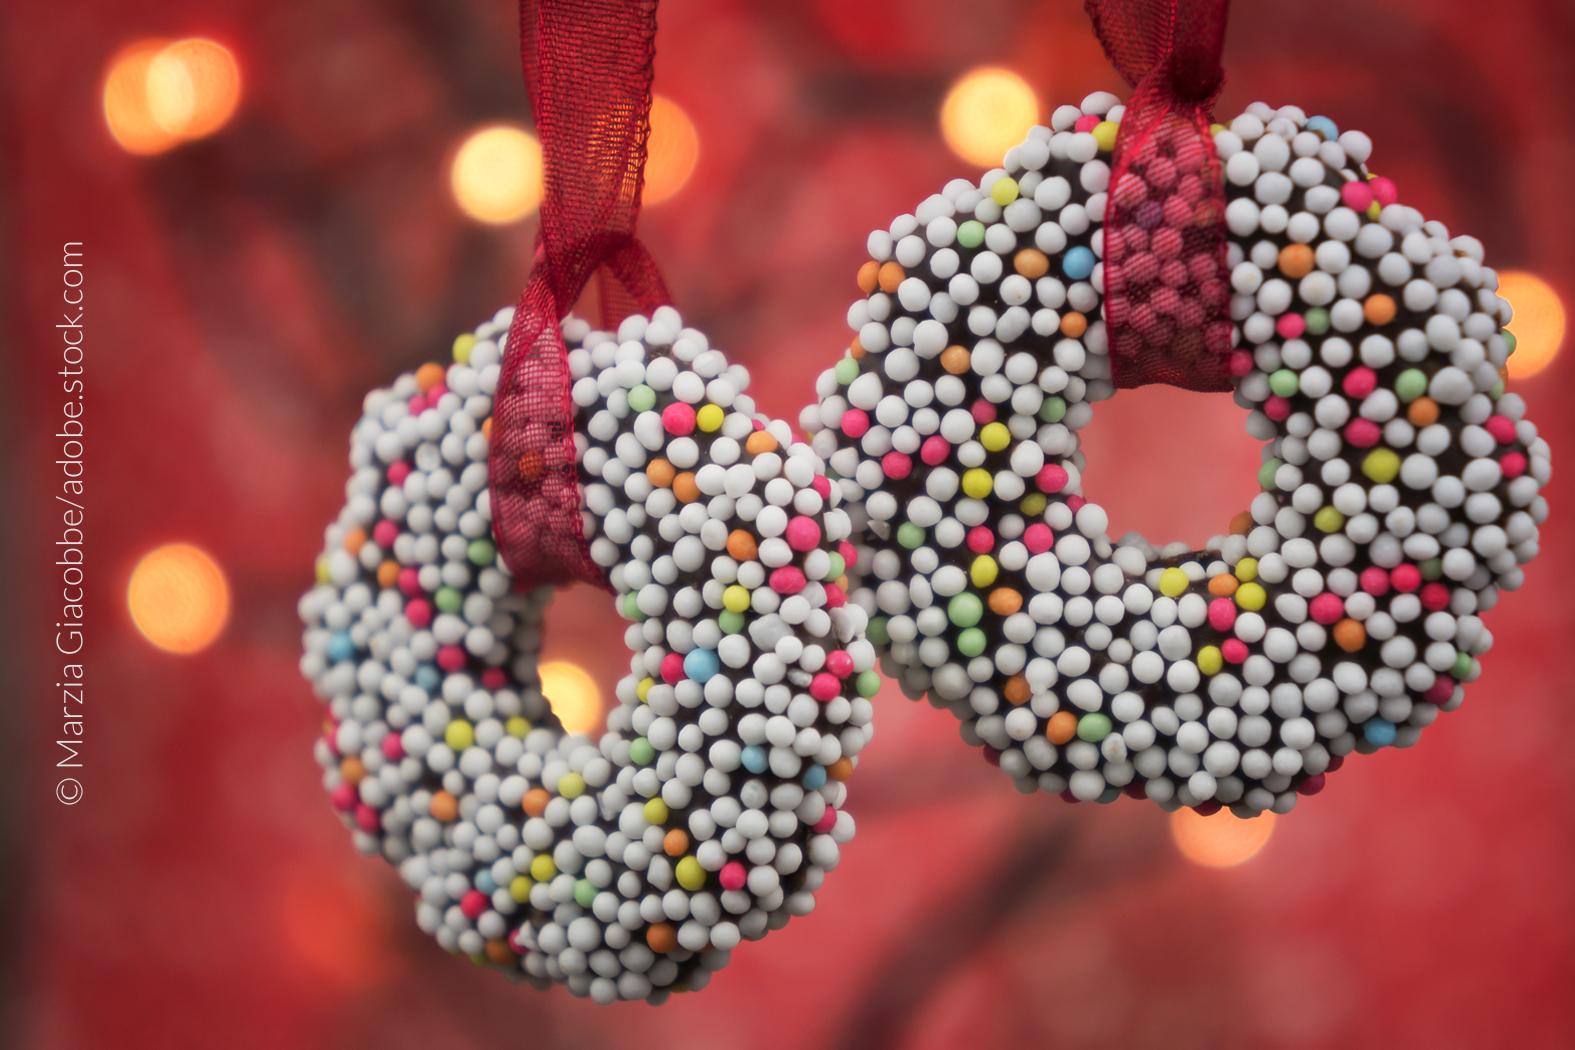 Süßer Weihnachtsbaumschmuck hat eine lange Tradition in Europa und Deutschland.